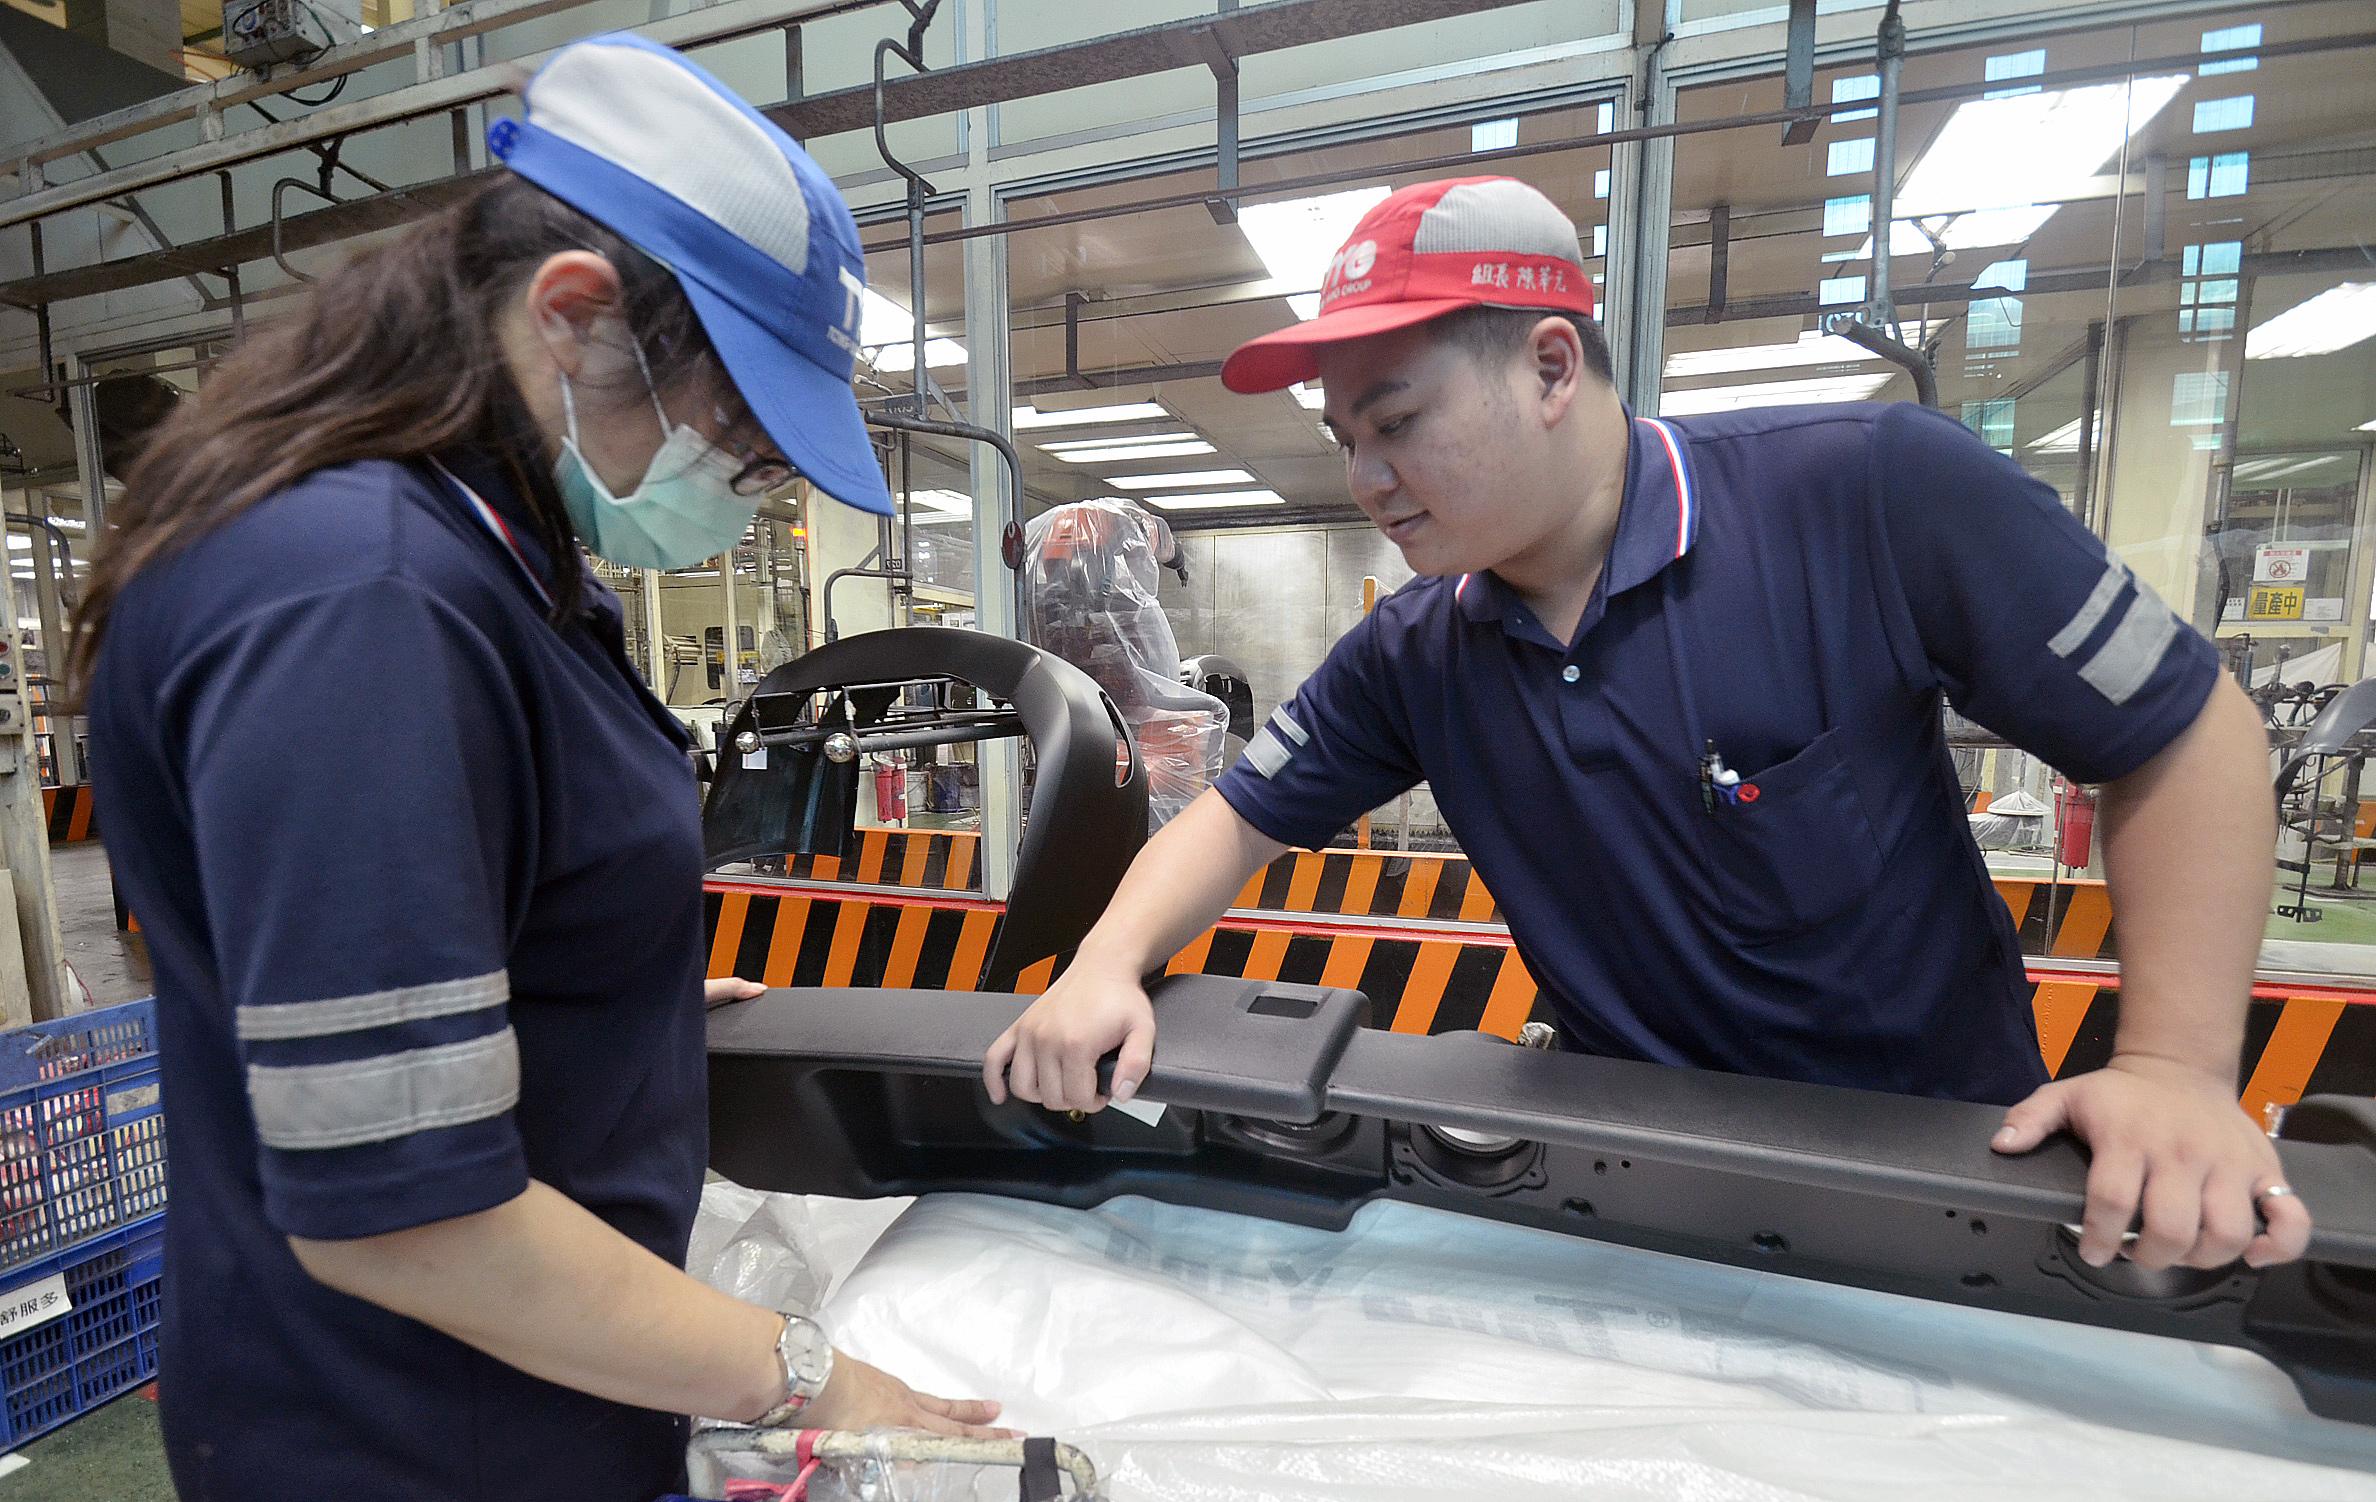 86年次的陳莘元參加雙軌計畫表現優異,畢業工作半年後就晉升製程部門組長,管理20多名員工。